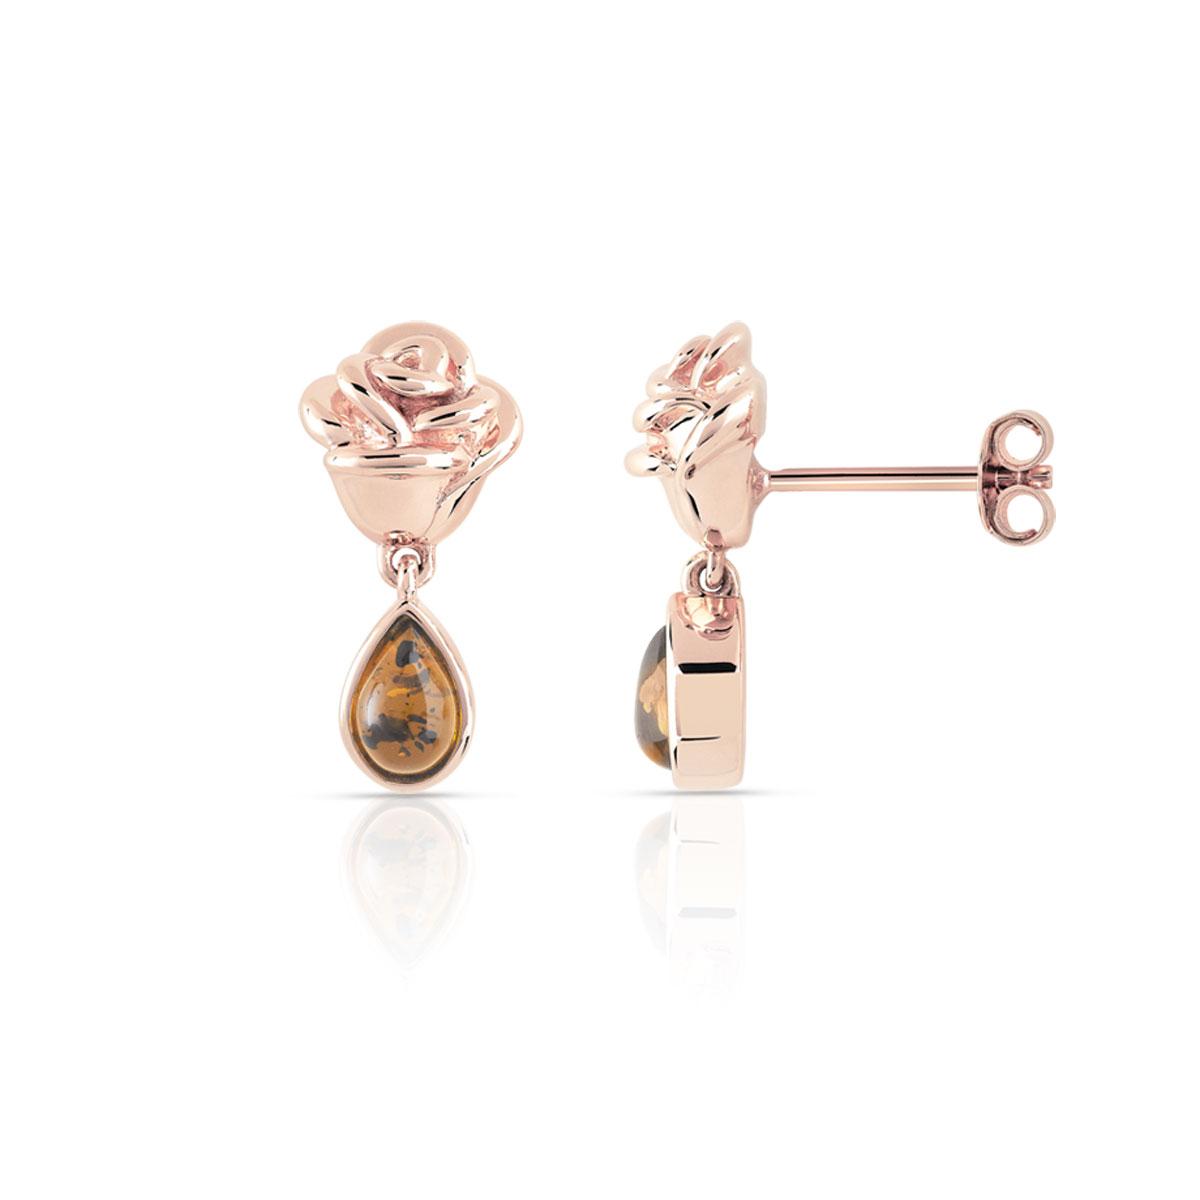 les clients d'abord Meilleure vente chercher Boucles d'oreilles La Belle et la Bête plaqué or rose ambre disney